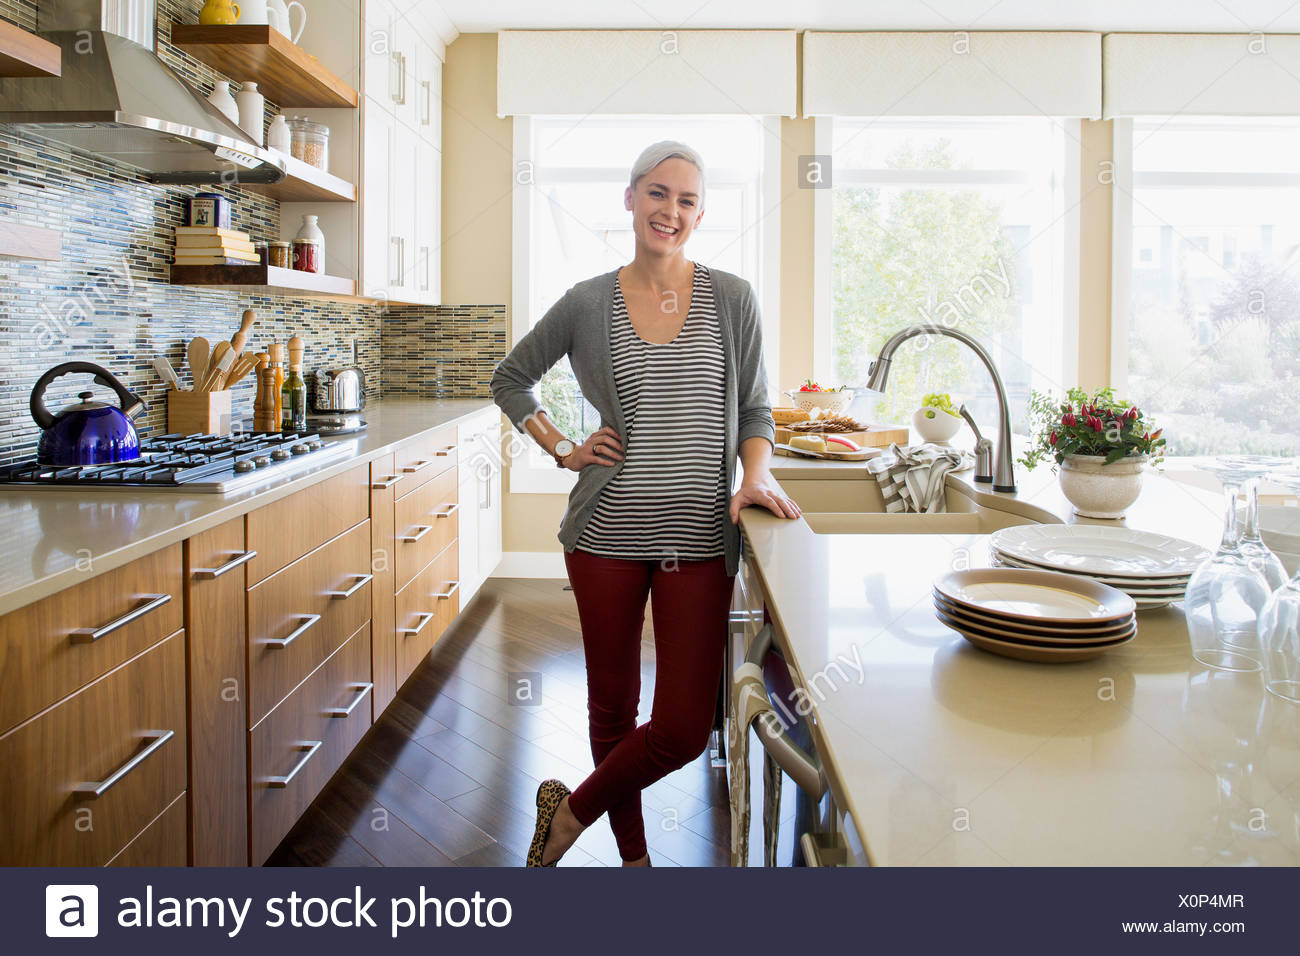 Retrato de mujer sonriente en la cocina Imagen De Stock